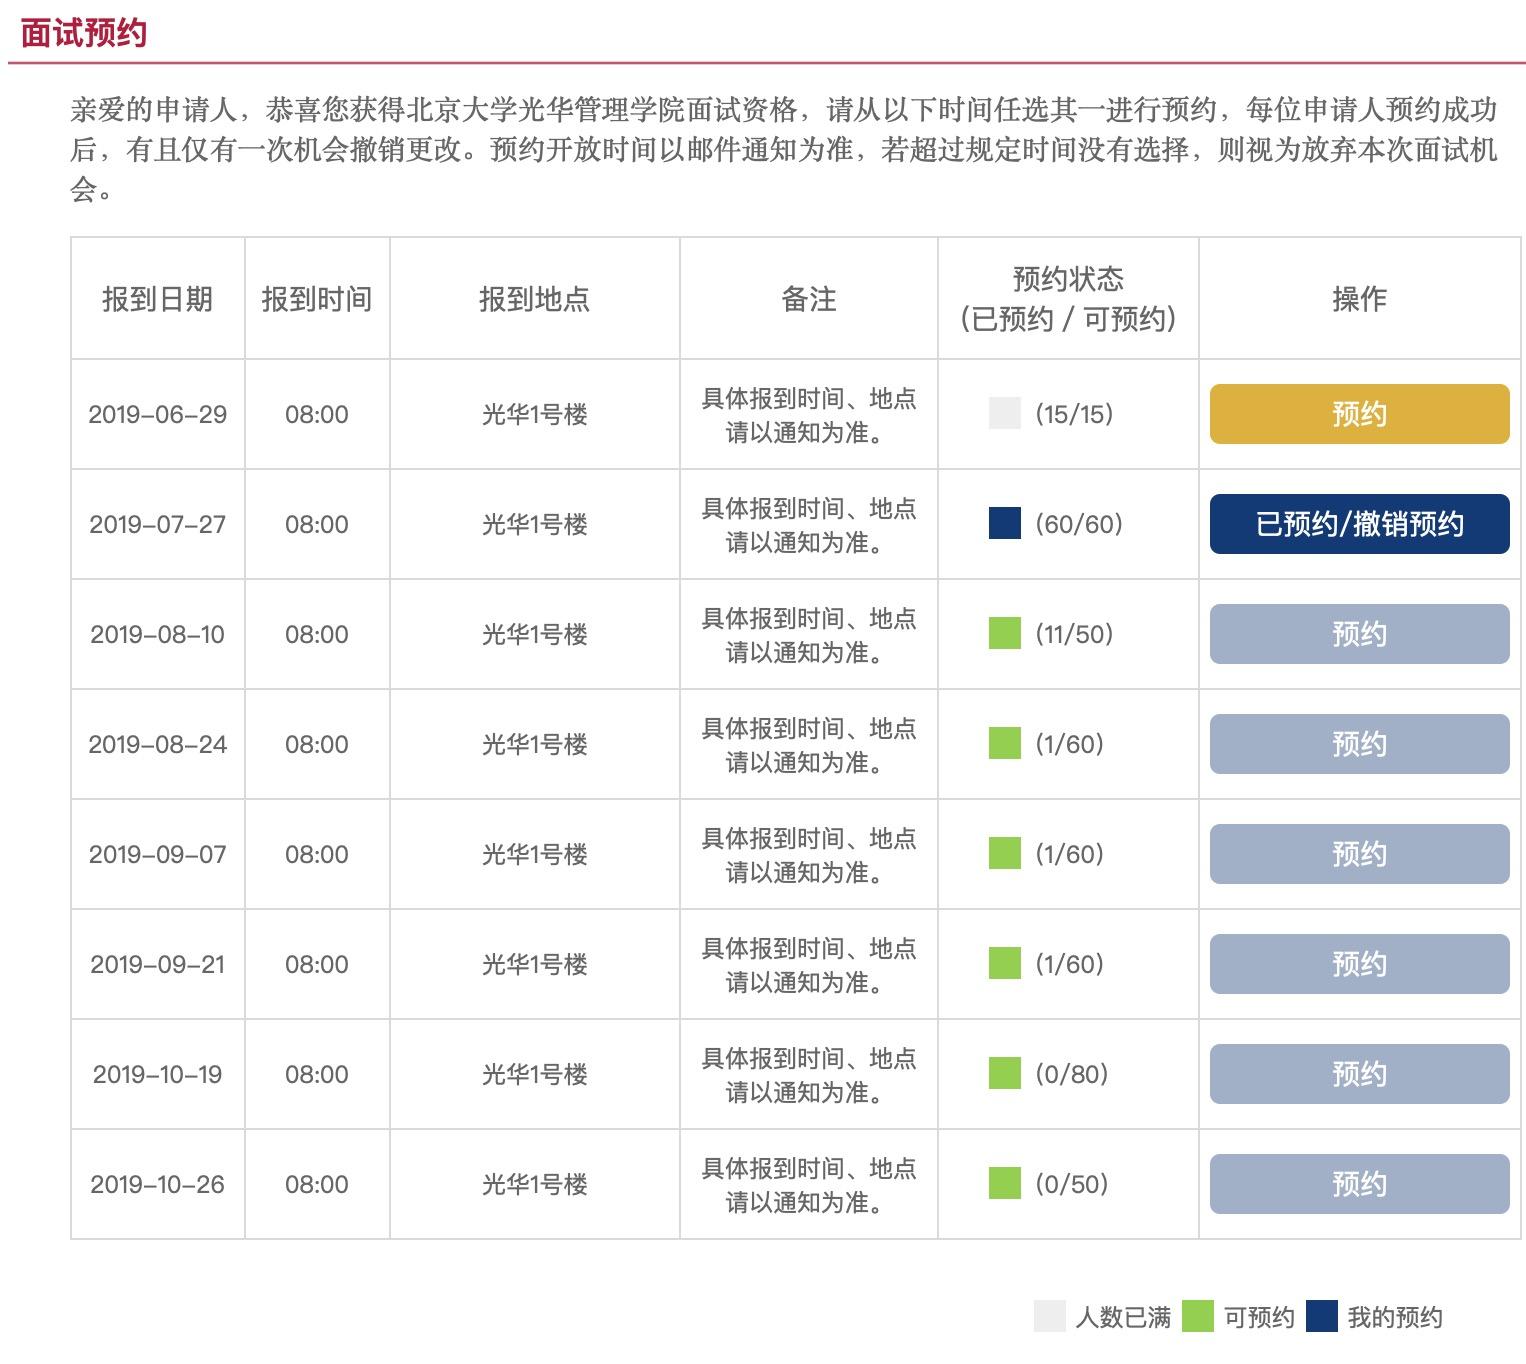 速报:北大北京MBA第二轮名额已满,最近面试已至8月